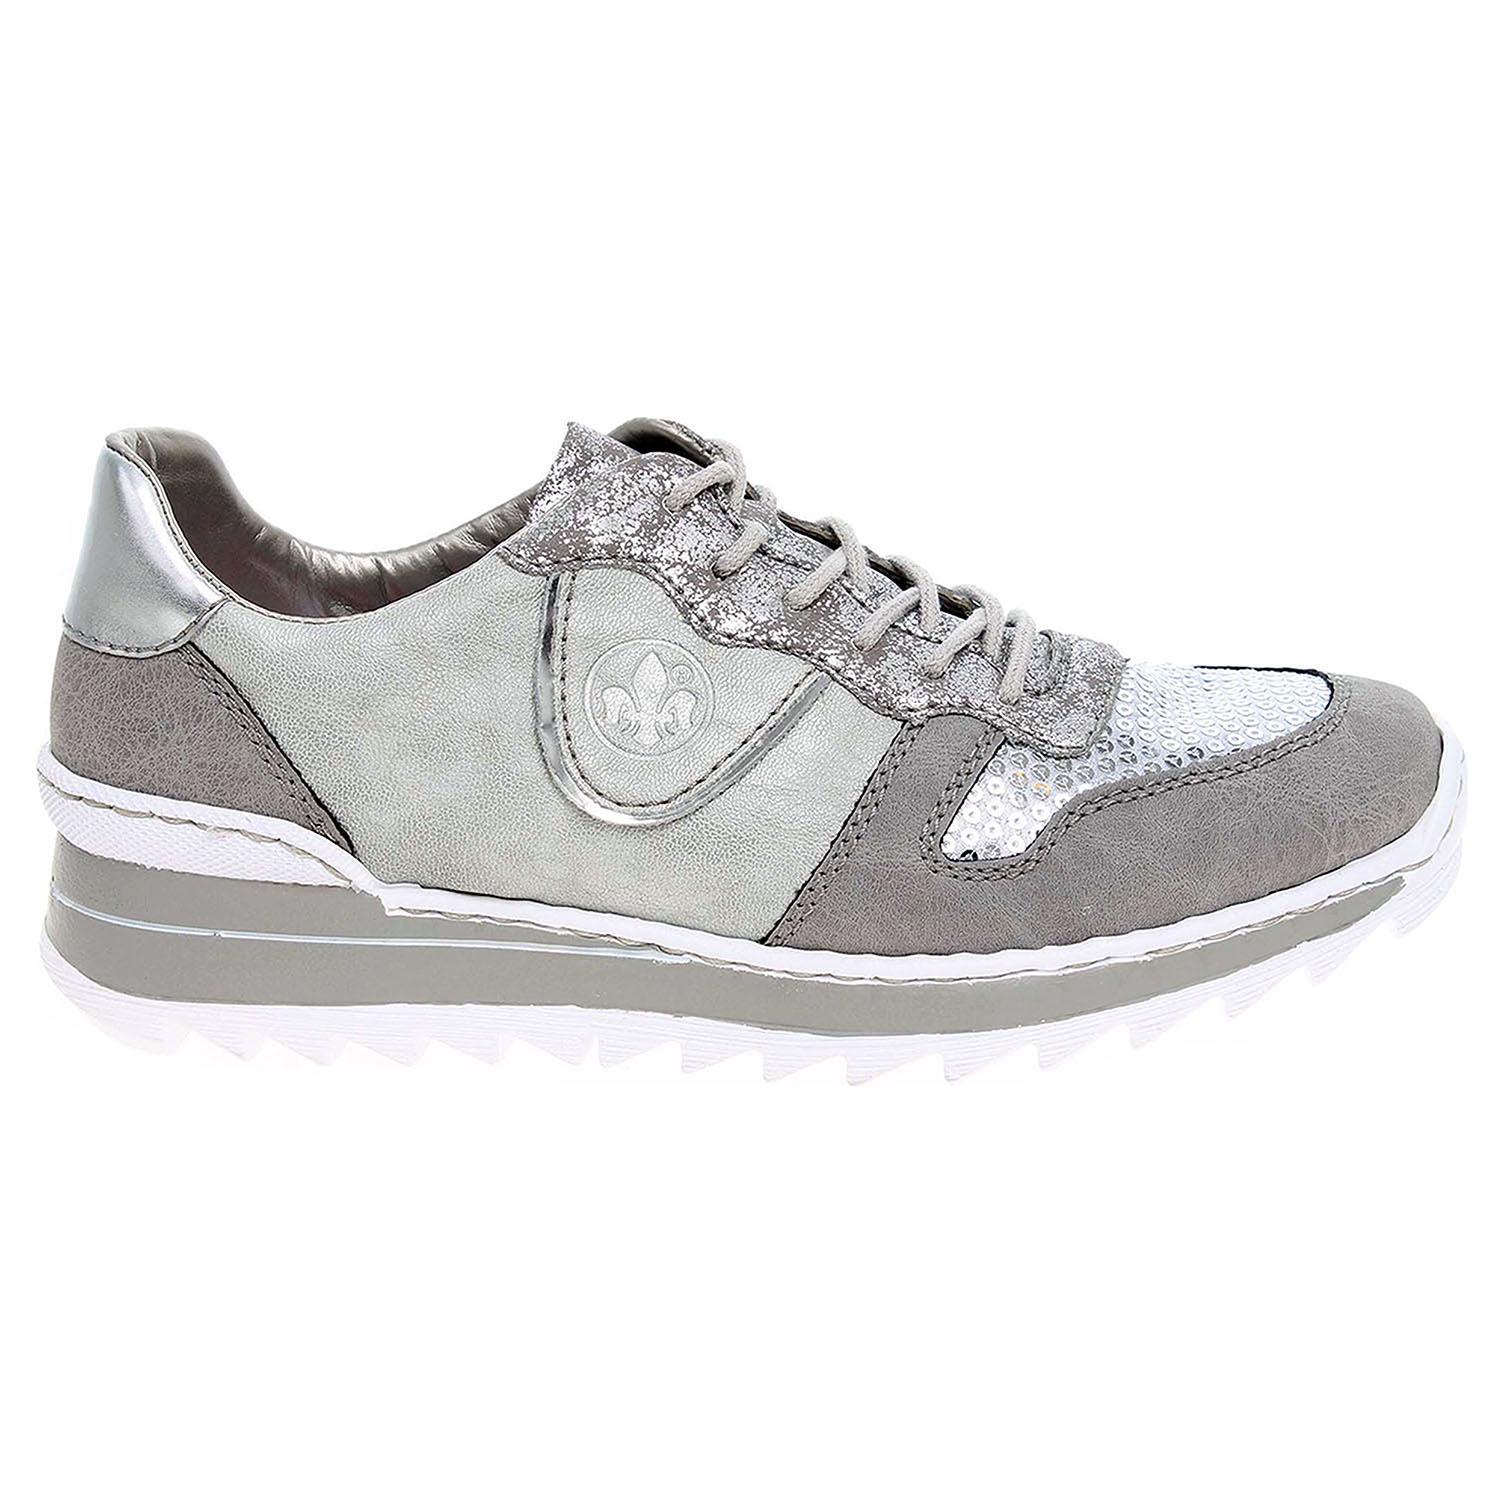 Ecco Rieker dámská obuv M6902-42 šedá 23200584 52cf7fd20a7